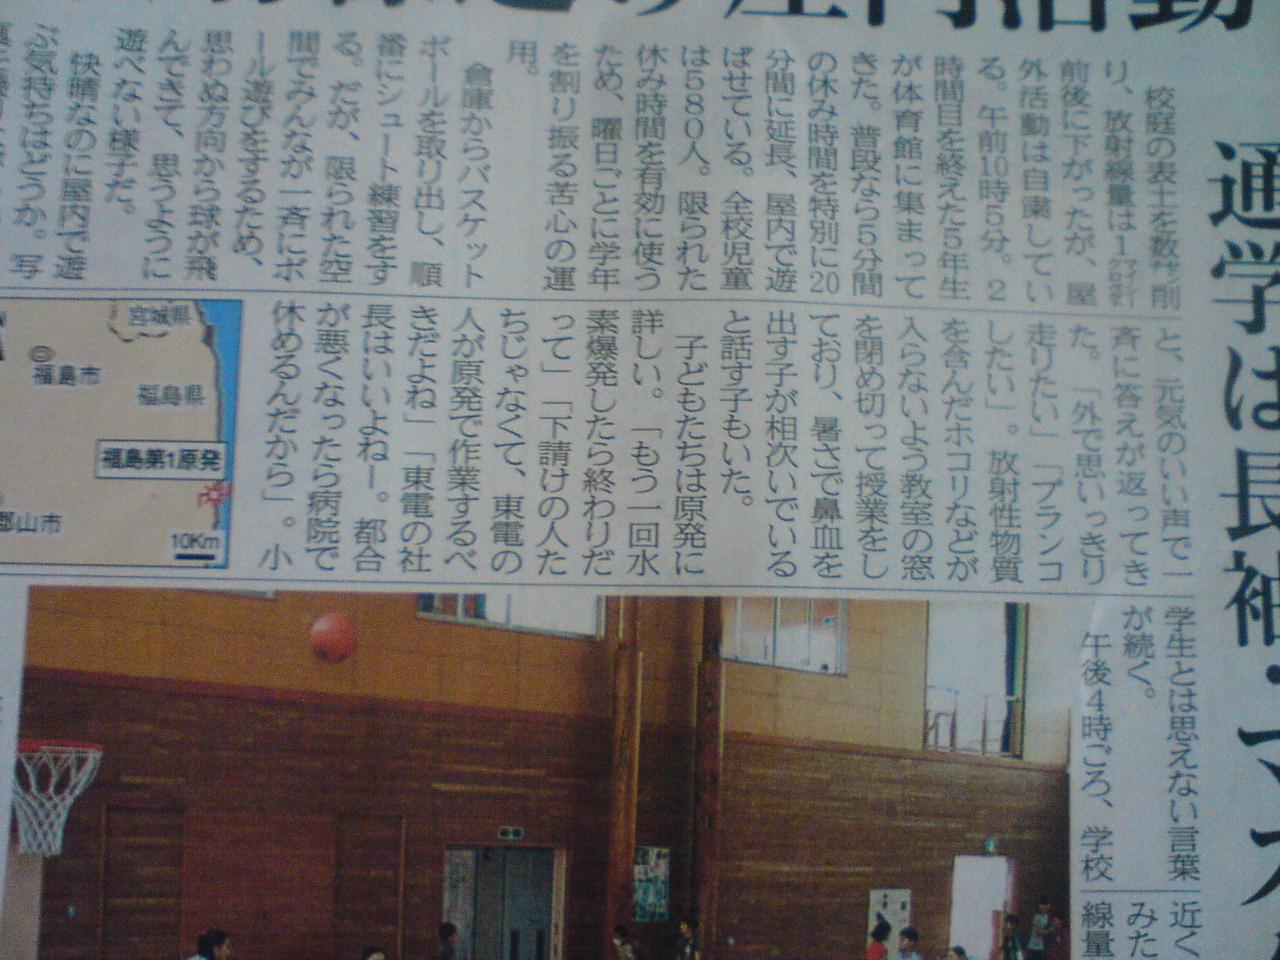 福島の小学校で鼻血を出す子が相次いでいるらしい・・・のサムネイル画像